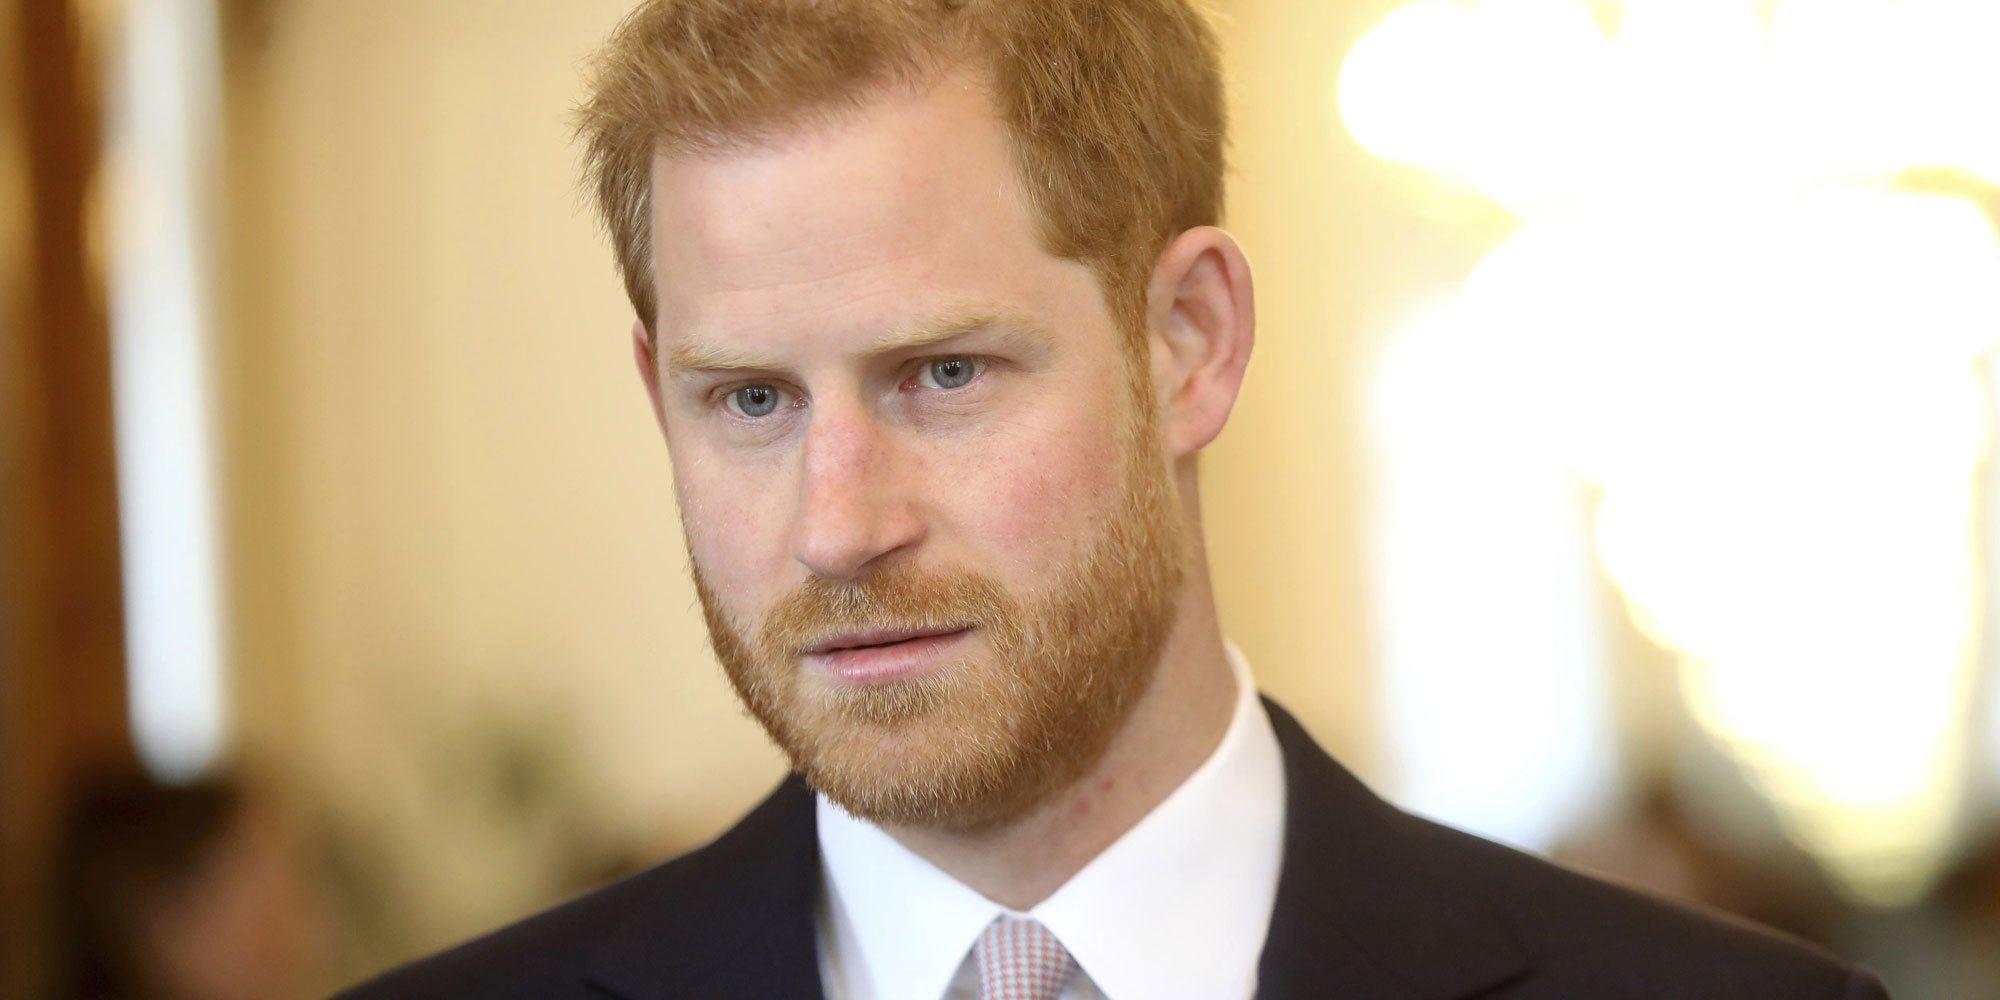 El Príncipe Harry vuelve a Estados Unidos antes del 95 cumpleaños de la Reina Isabel